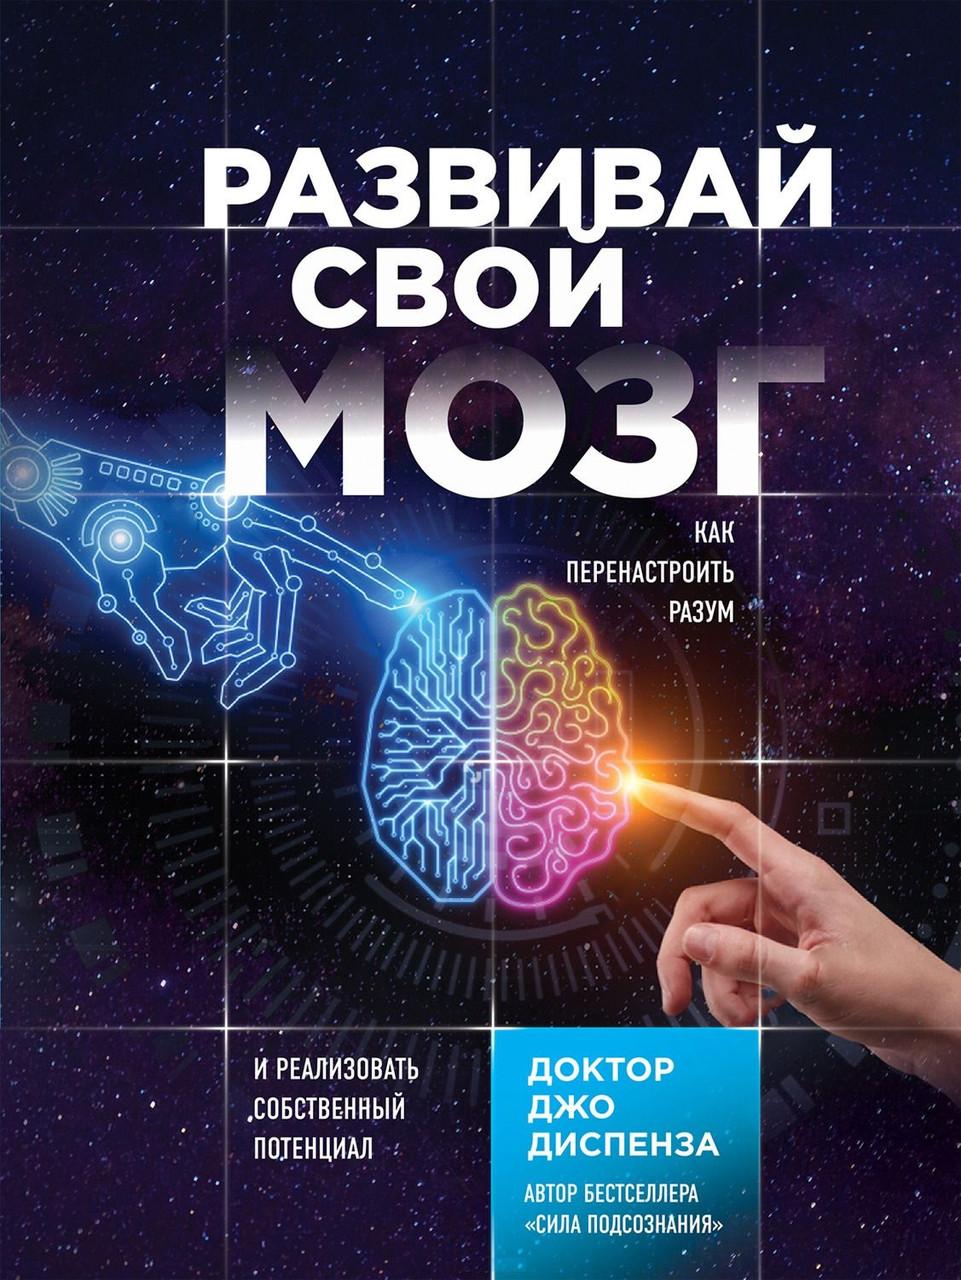 """Джо Диспенза """"Развивай свой мозг. Как перенастроить разум"""""""